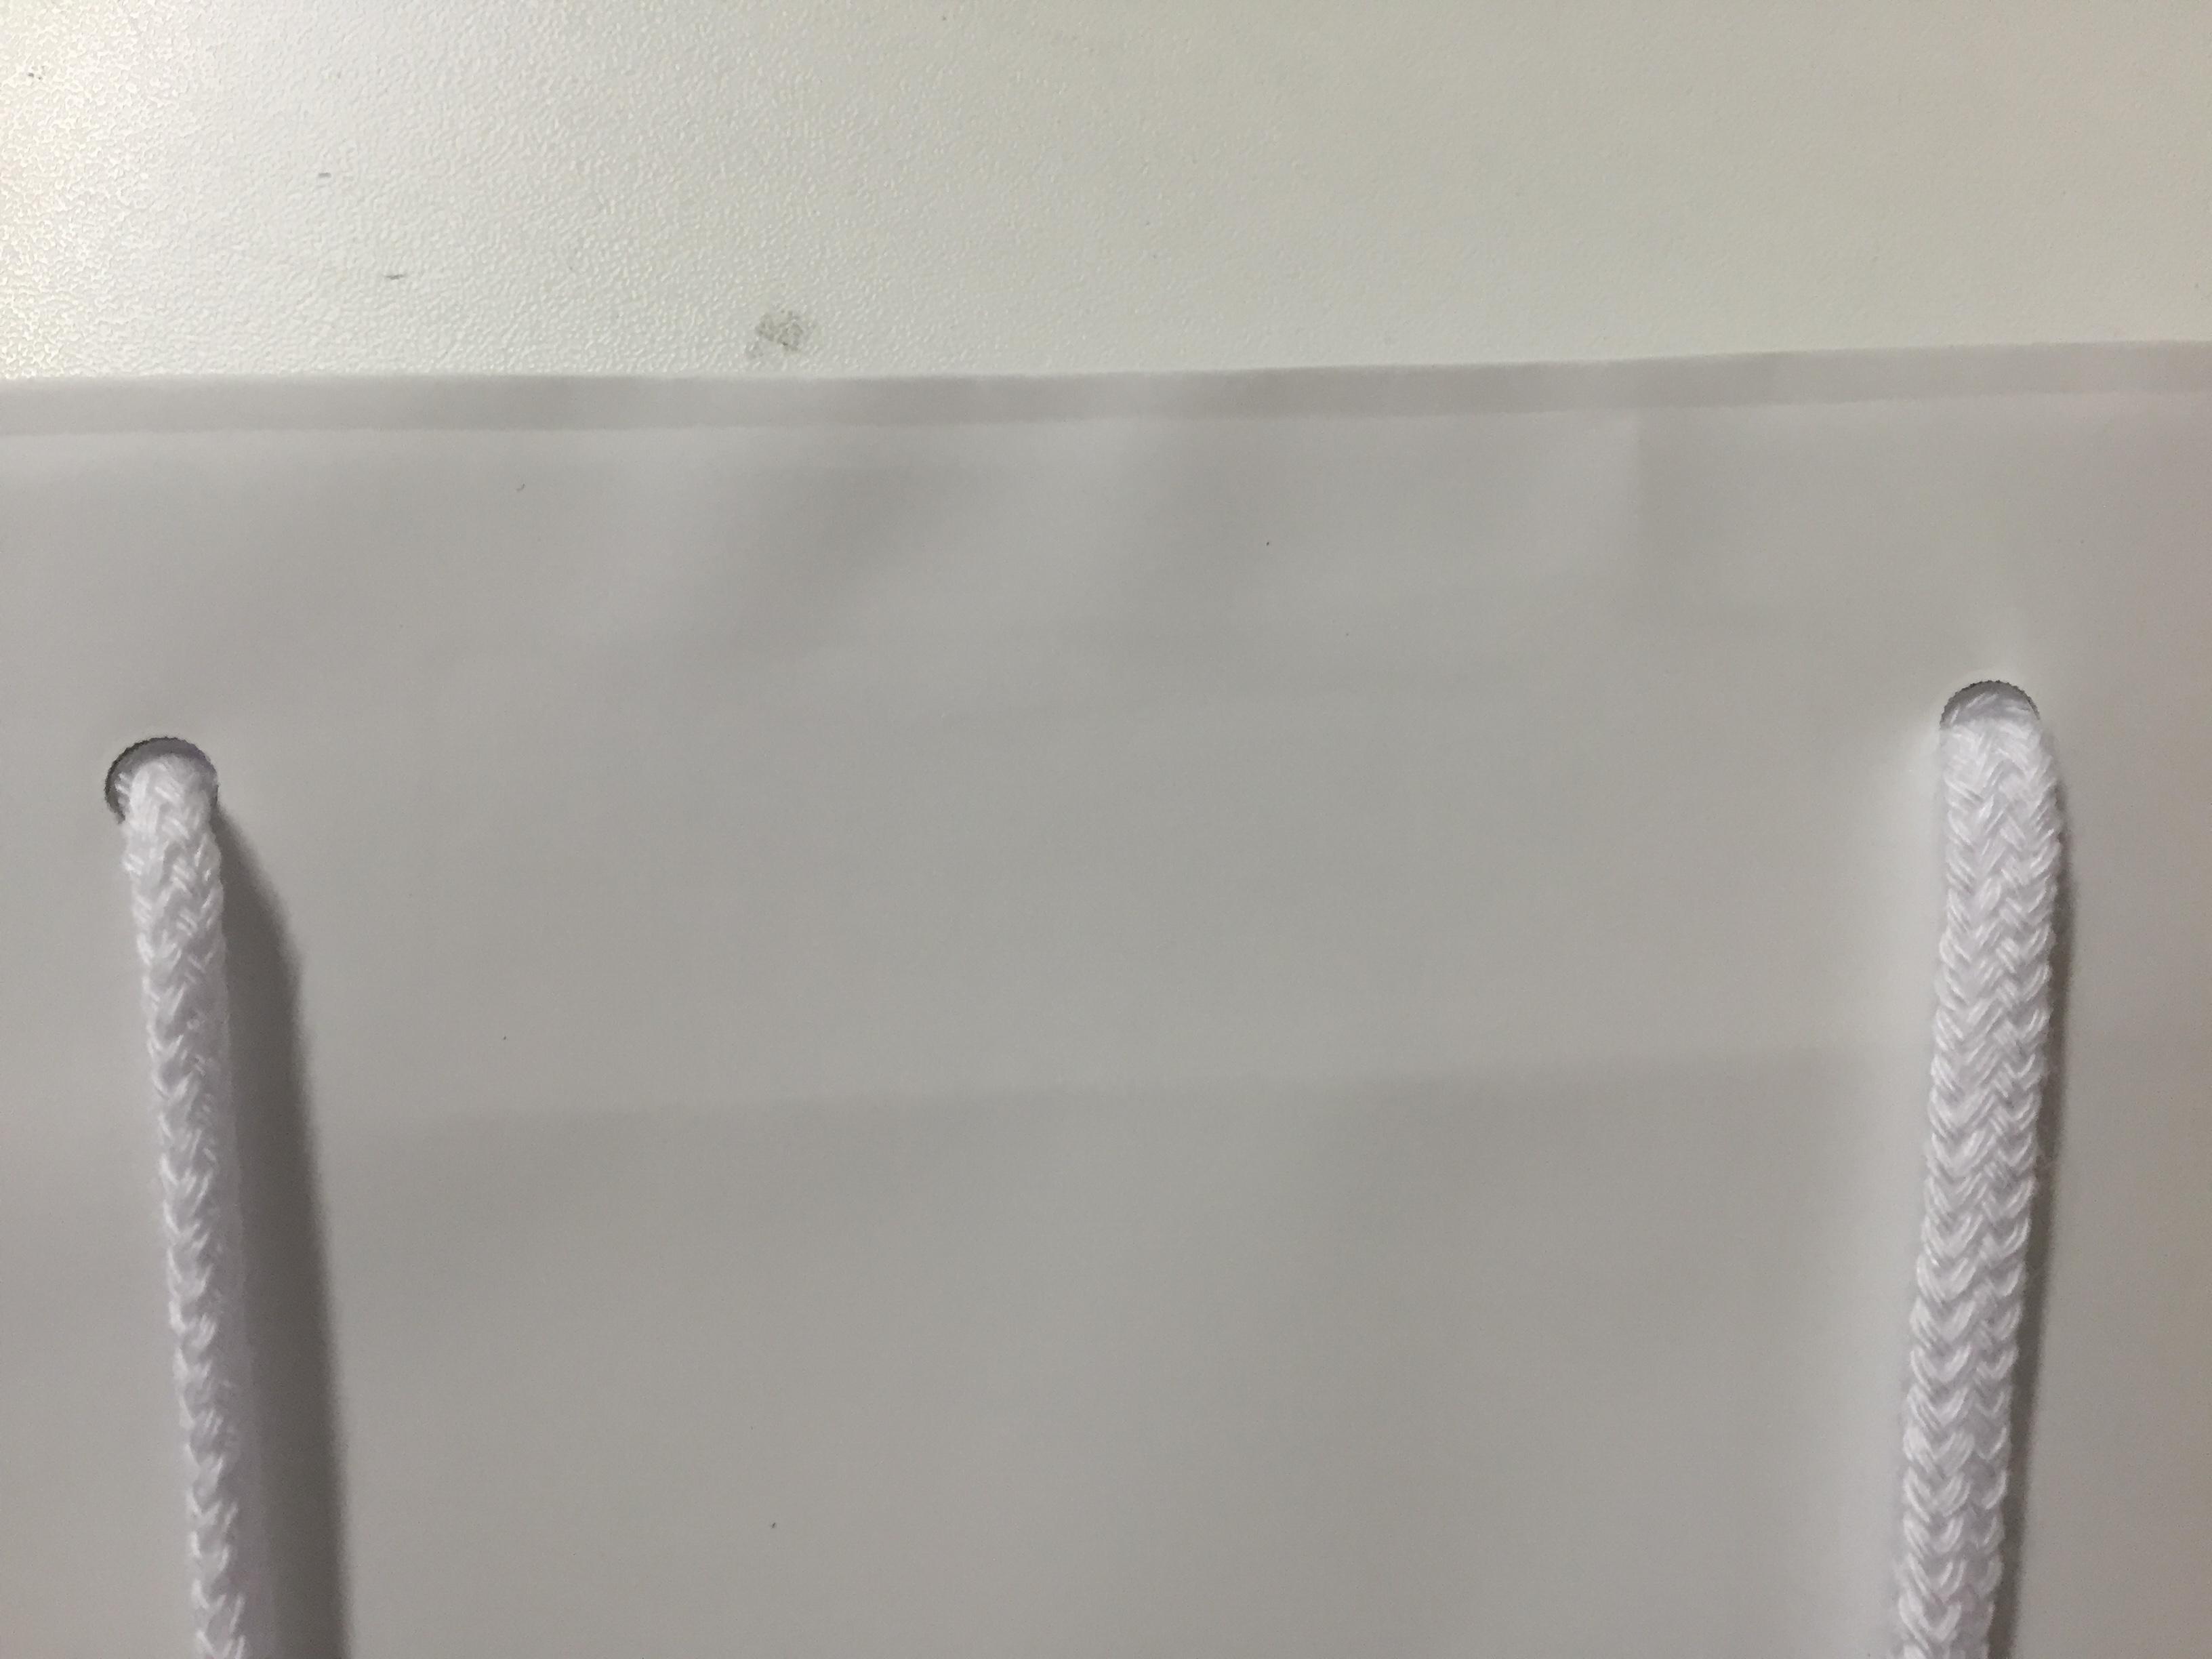 紙袋の一般的な穴サイズと穴間の測り方